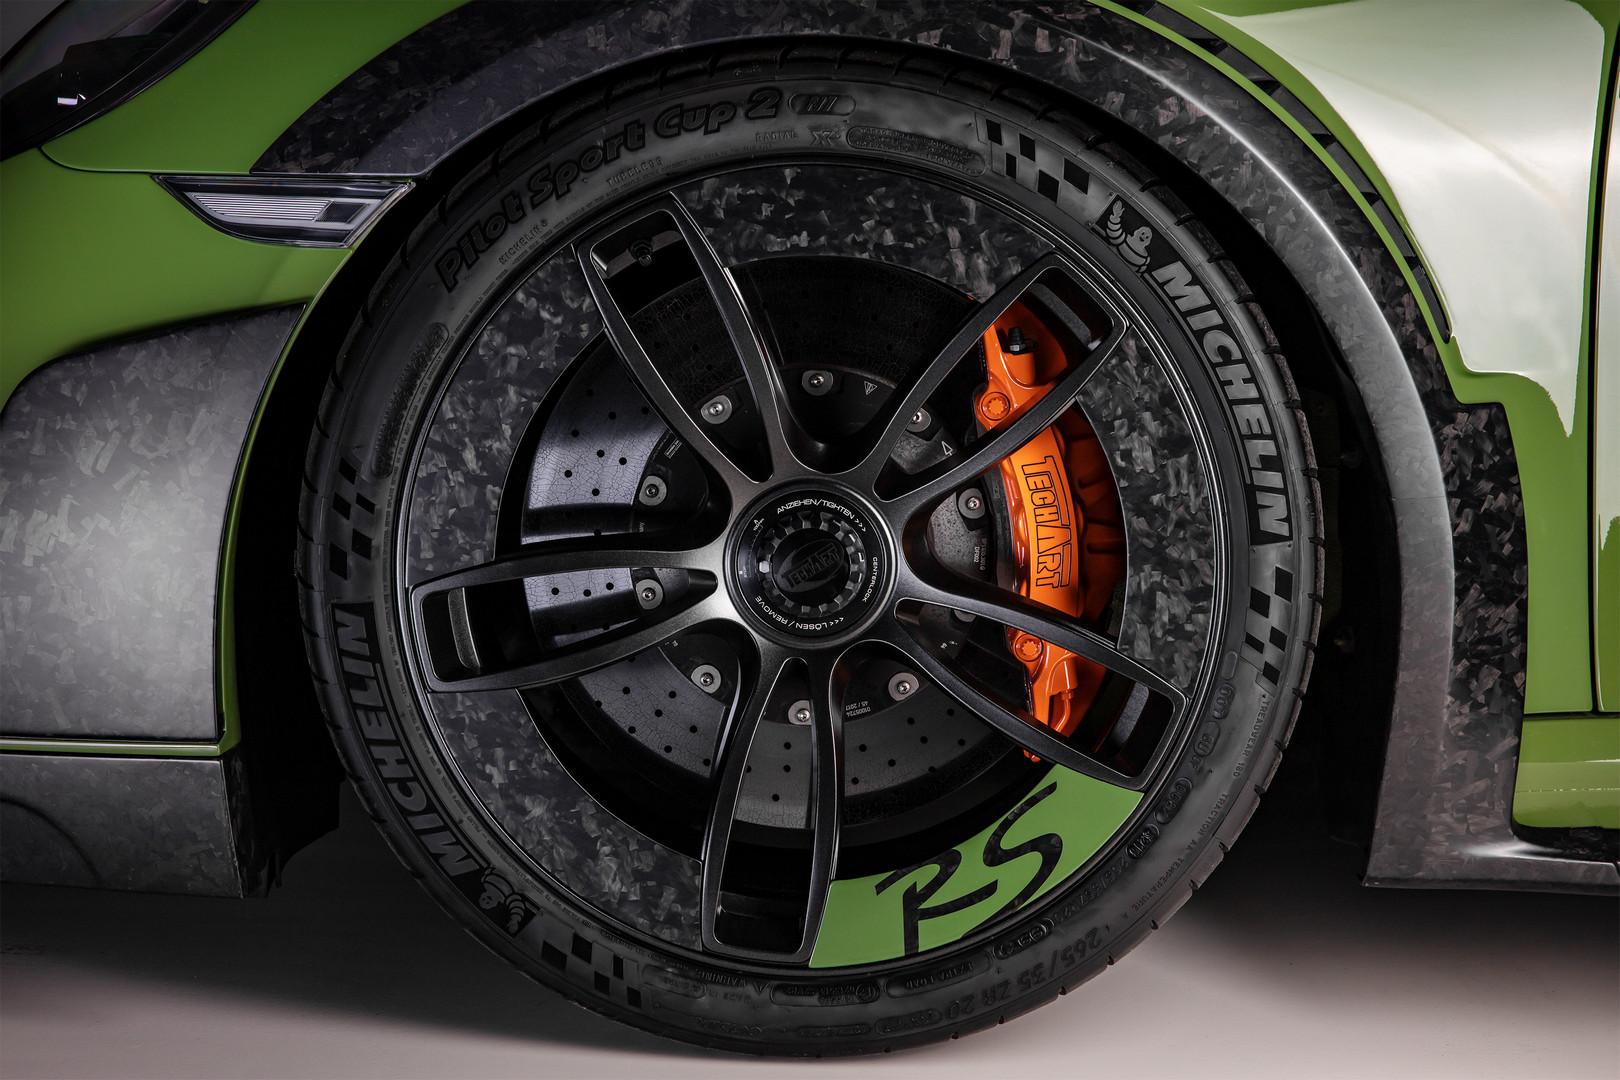 Techart GTstreet RS with 770hp